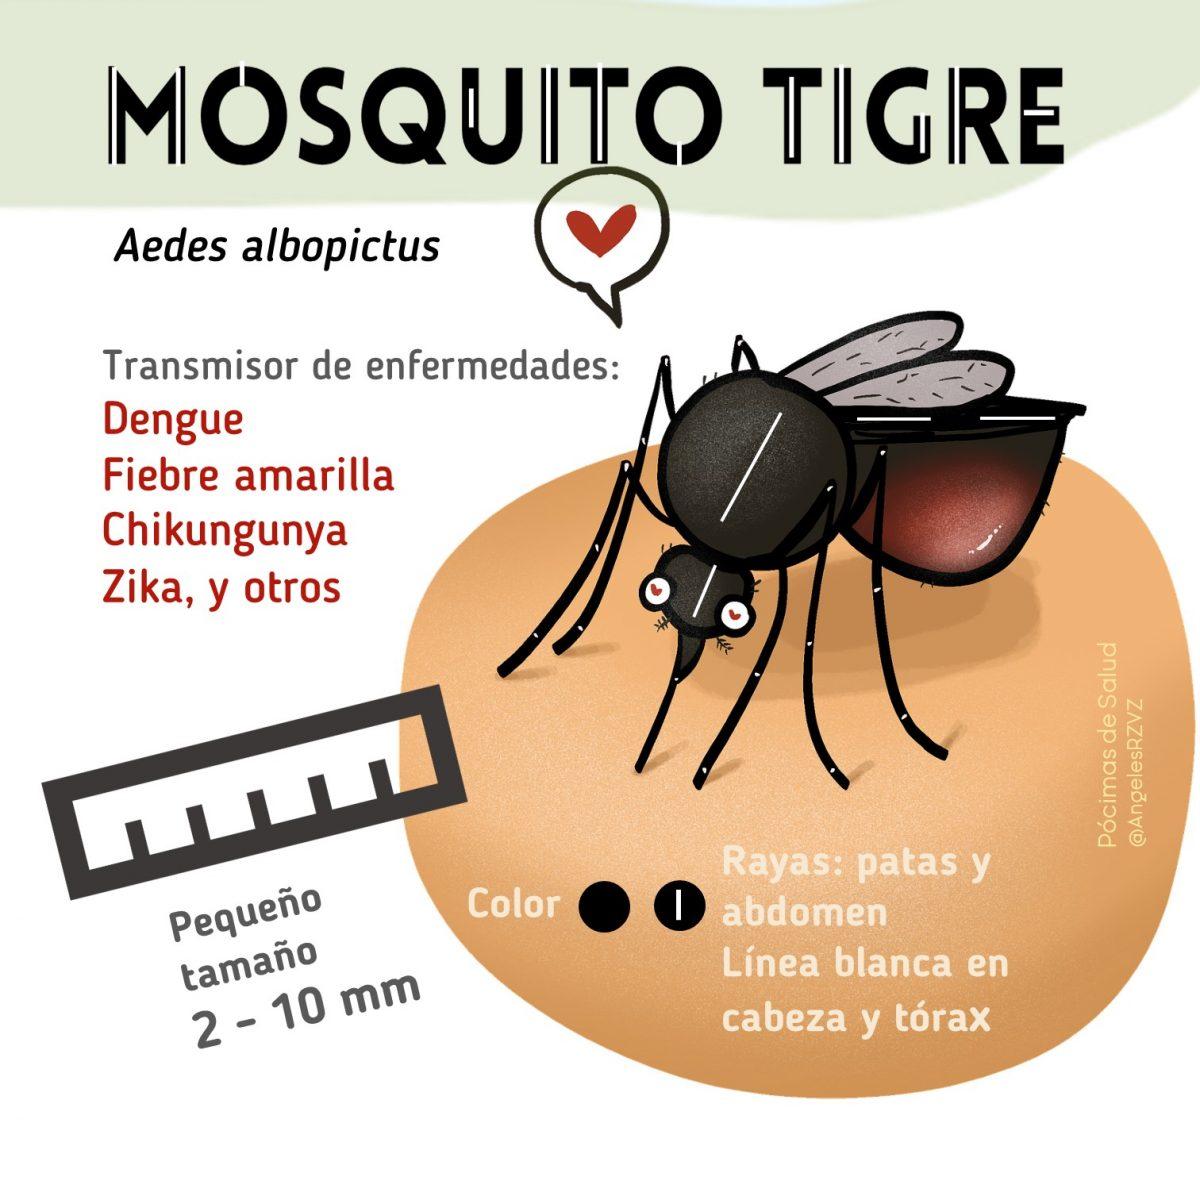 Cómo-es-mosquito- tigre